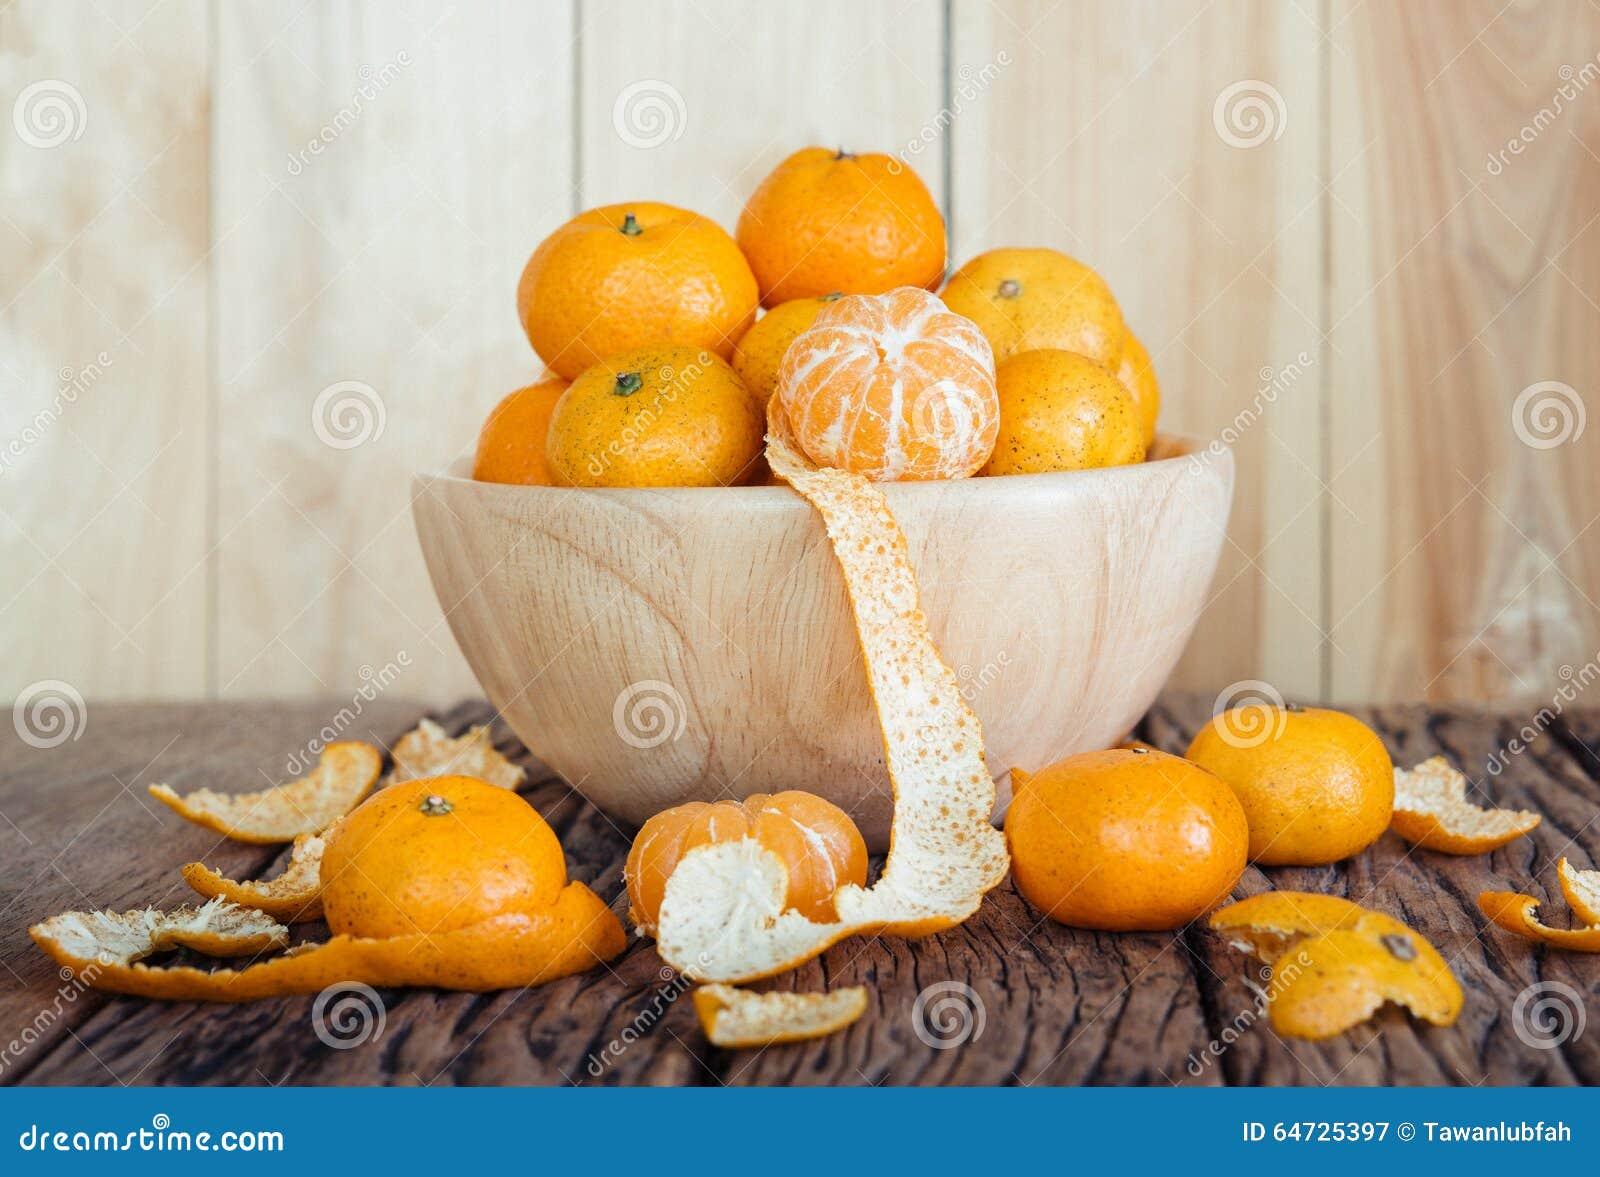 Natura morta di frutta arancio in ciotola su vecchio fondo di legno